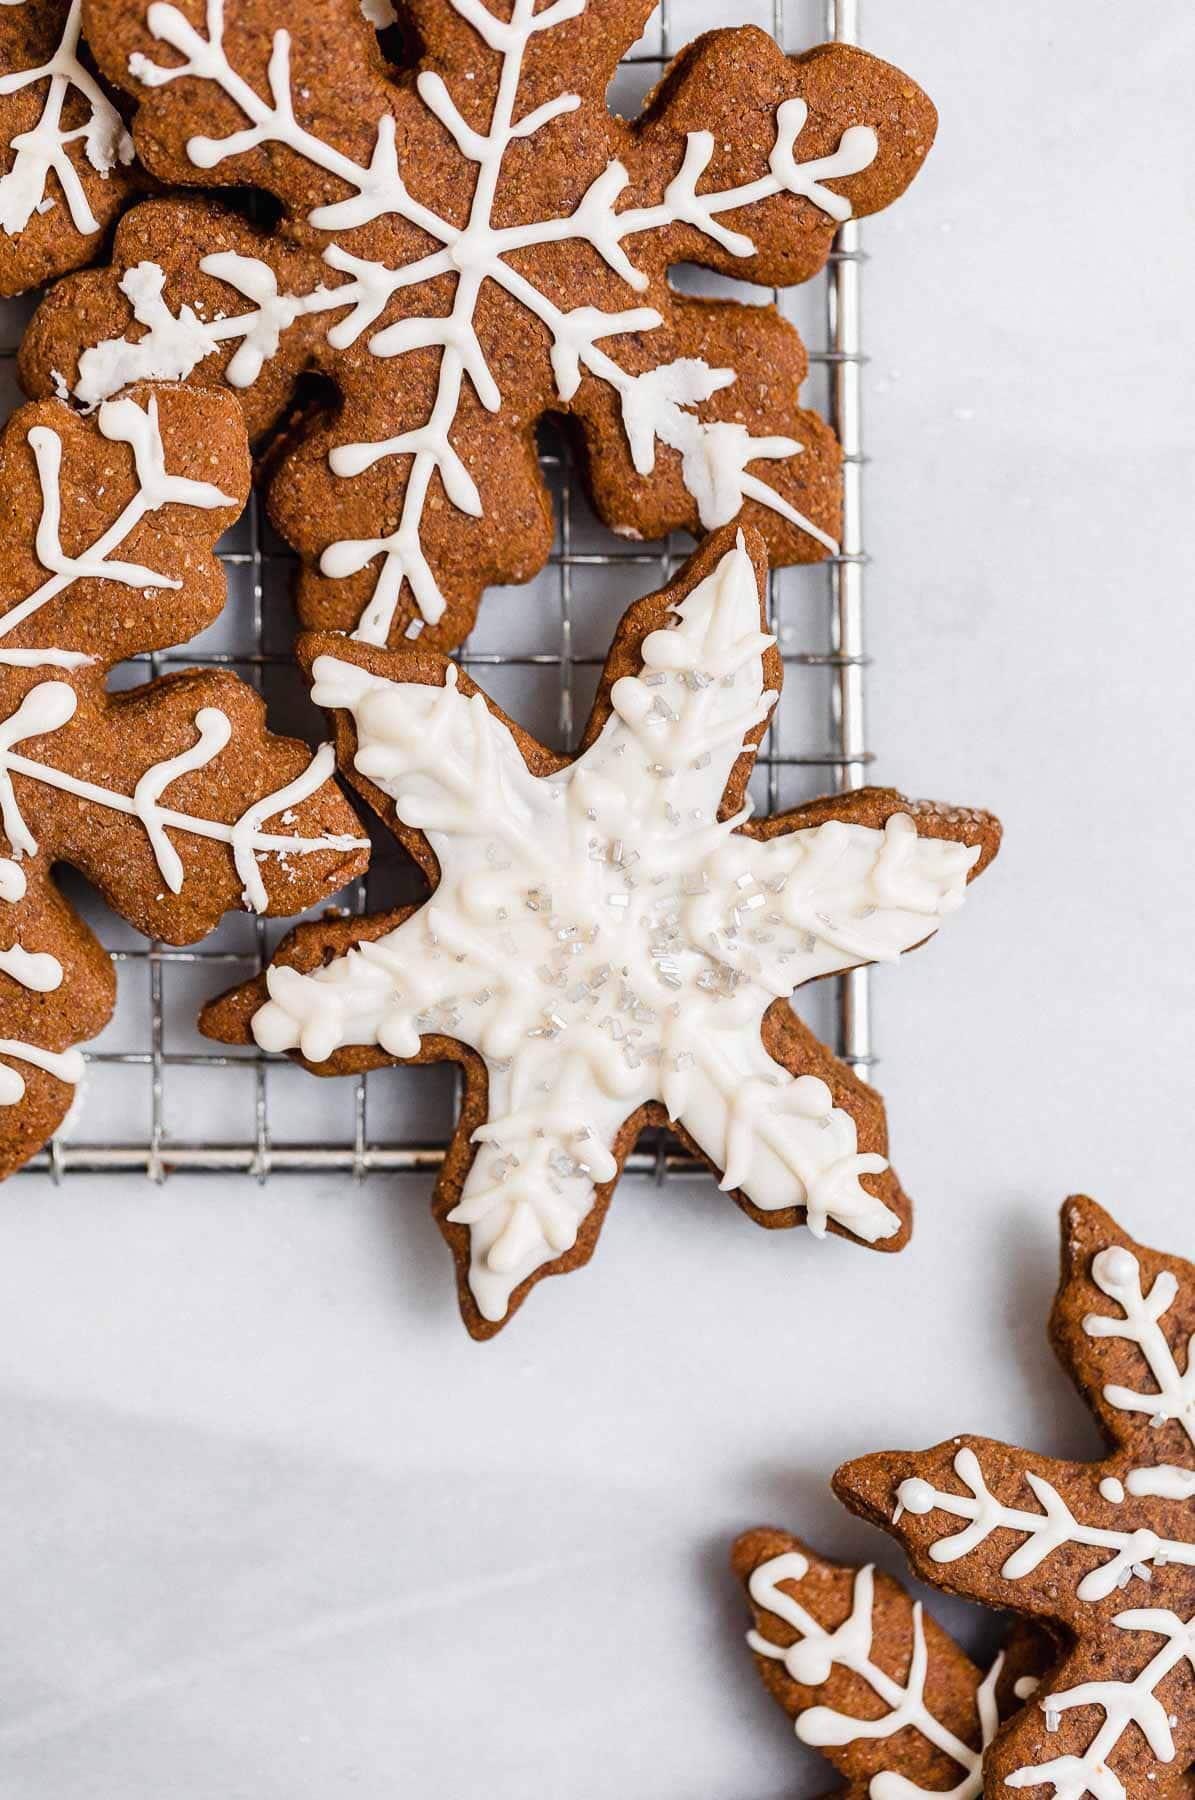 Vegan snowflake gingerbread cookies with icing and sprinkles.